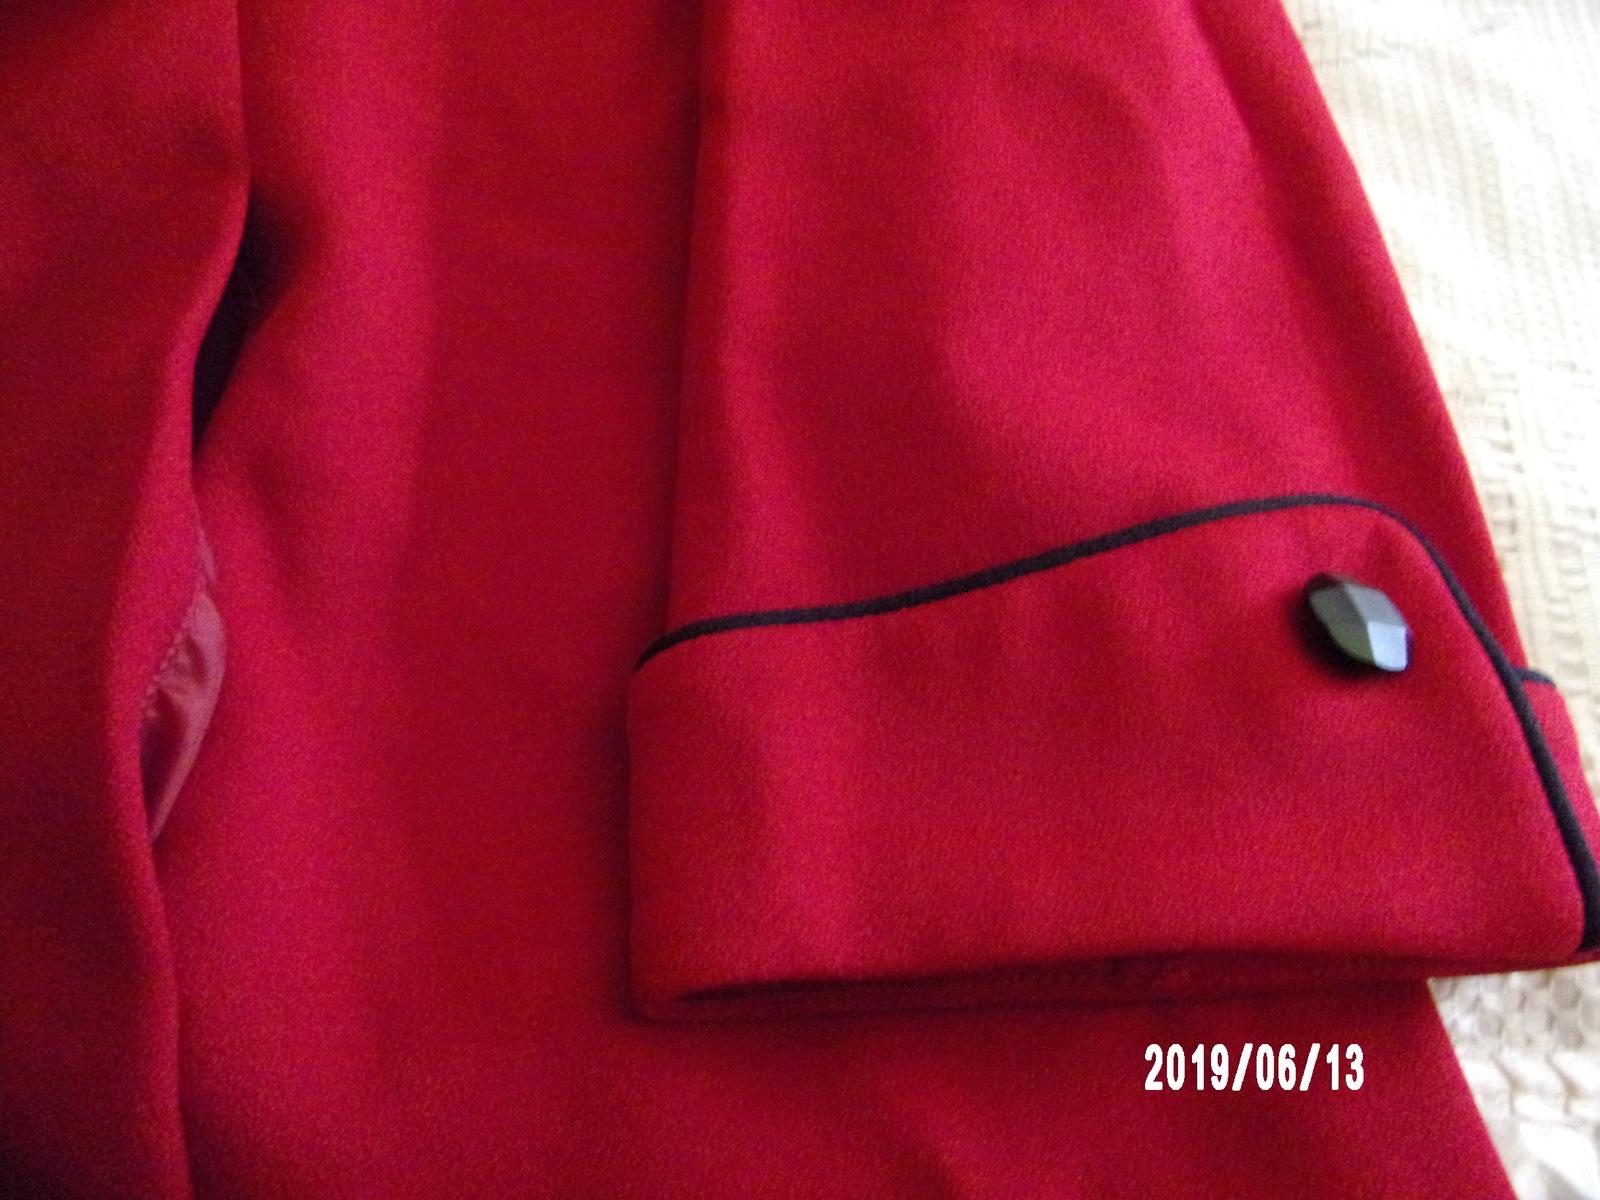 Alfred Dunner - 20W - Red w/Black Trim Blazer - 2 Pockets - Shoulder Pads